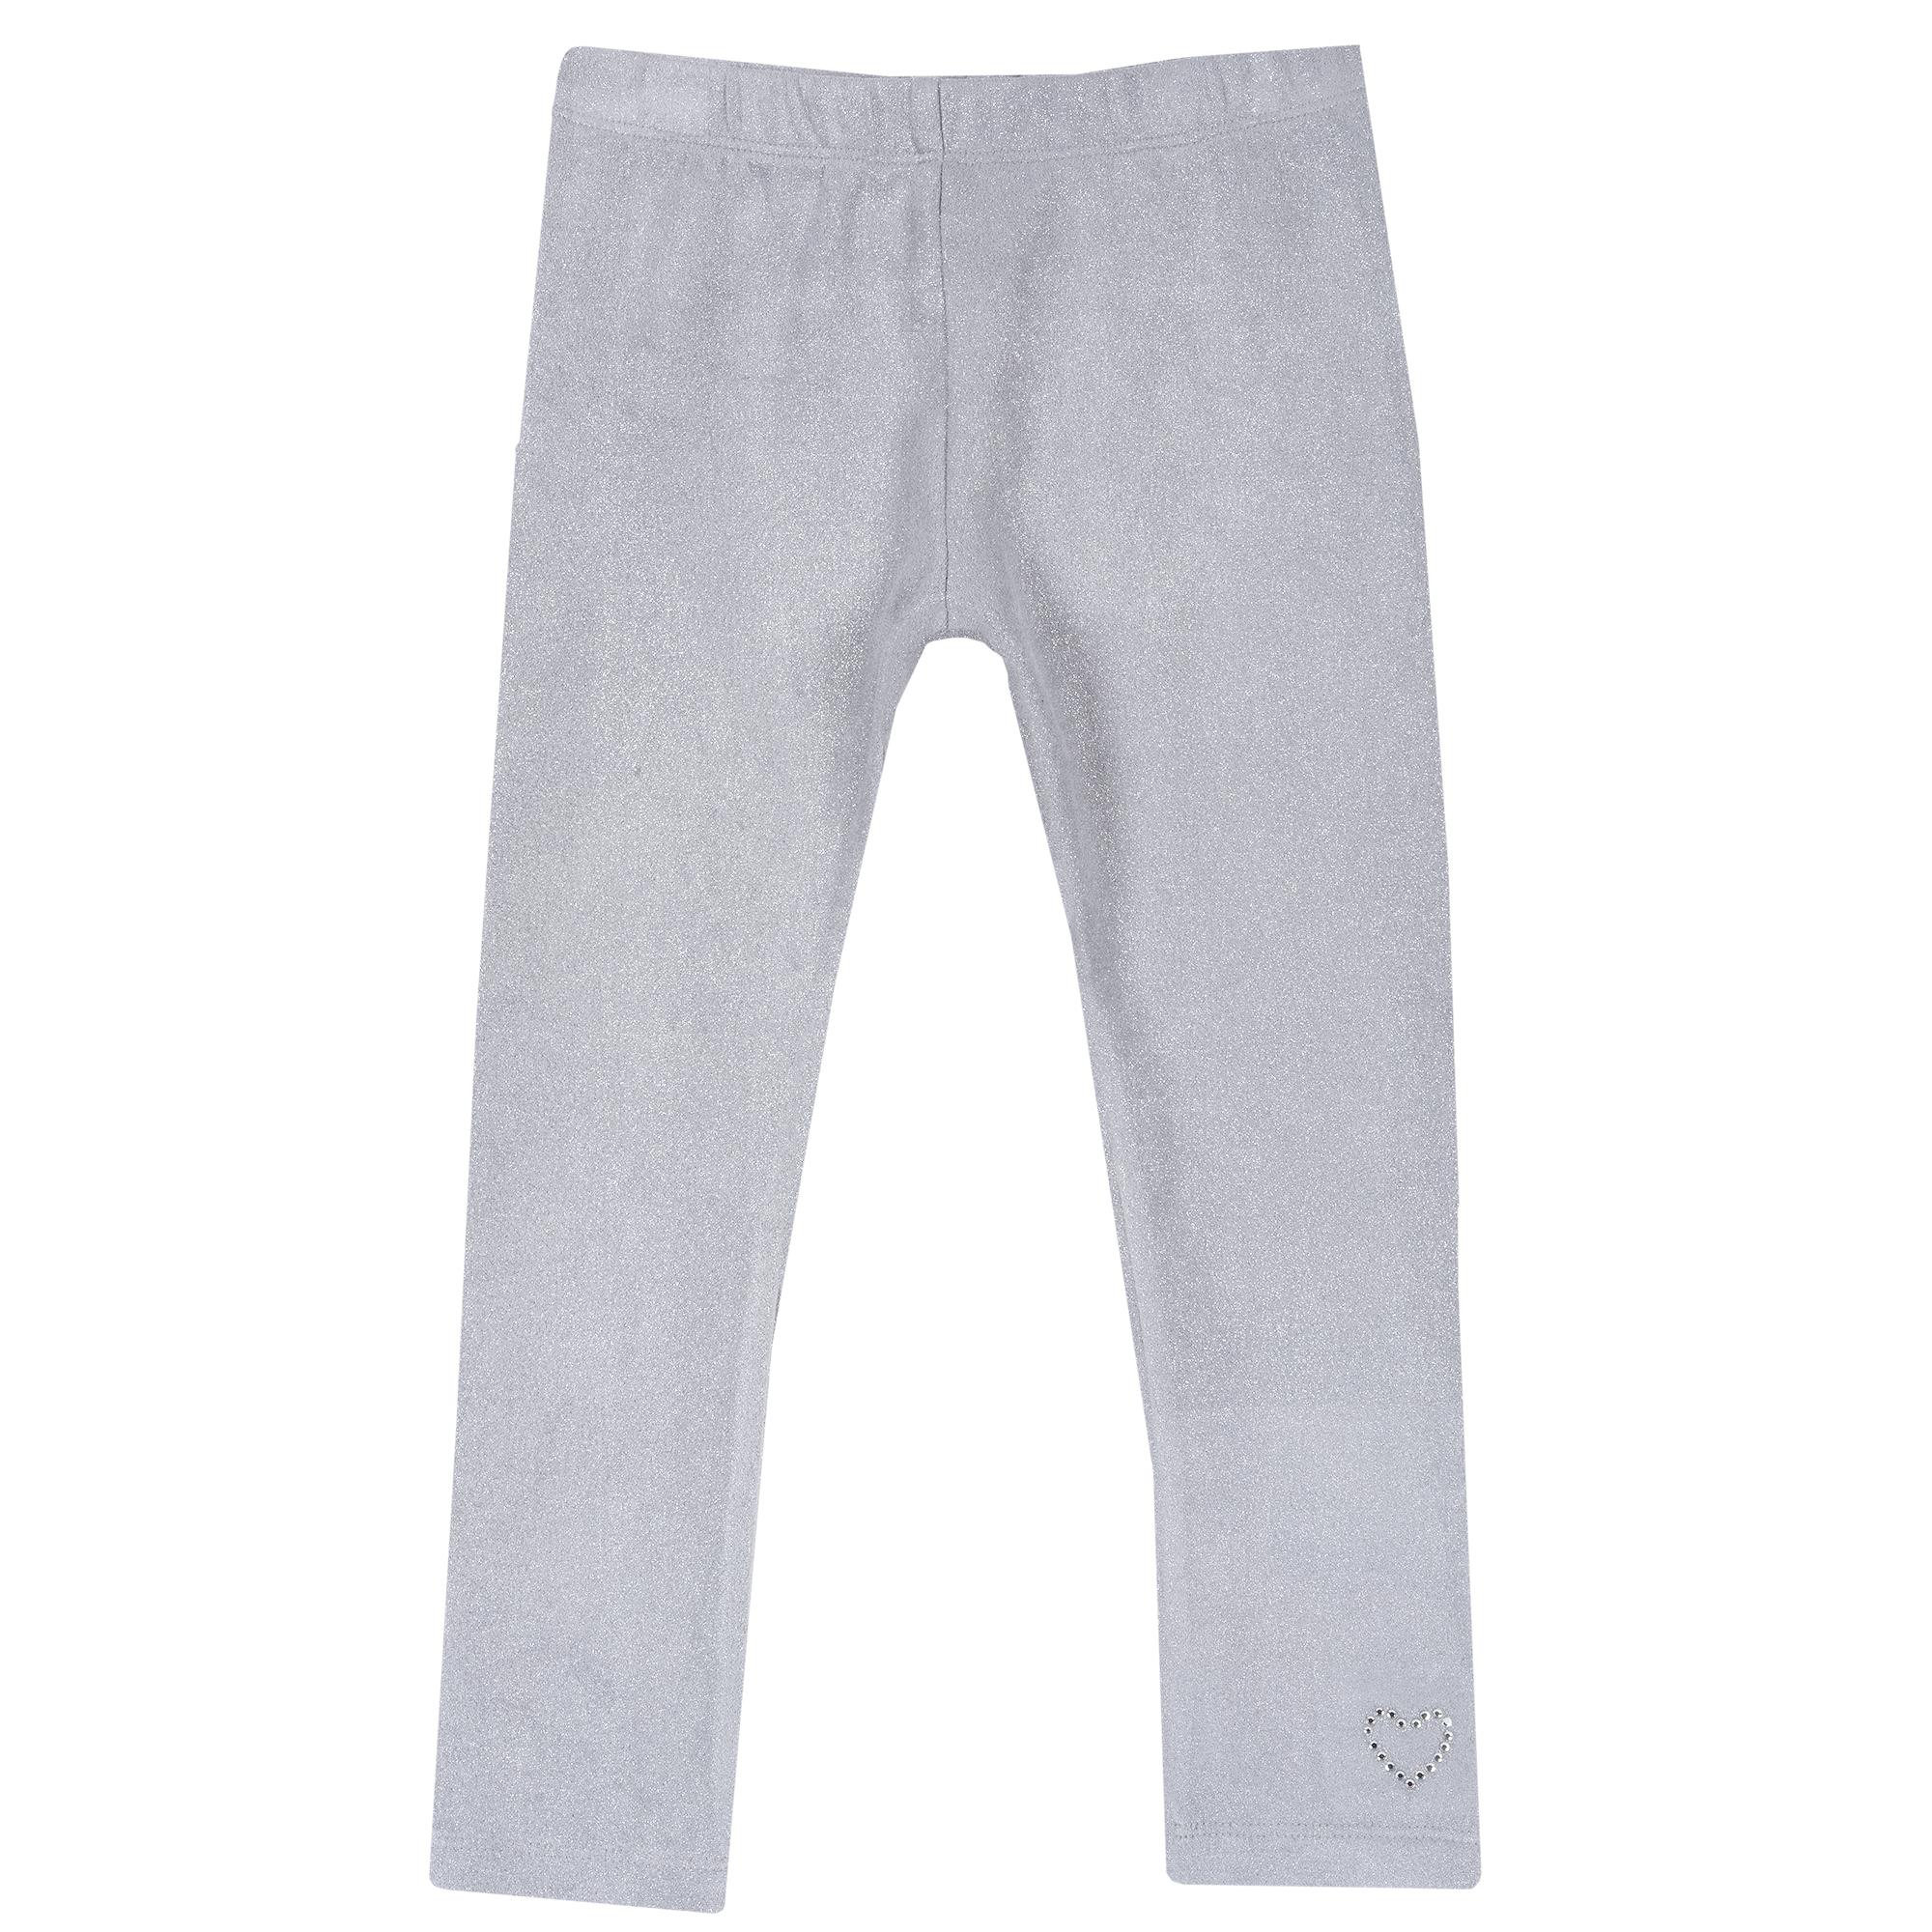 Pantalon Lung Copii Chicco, Leggings Gri, 25541 imagine